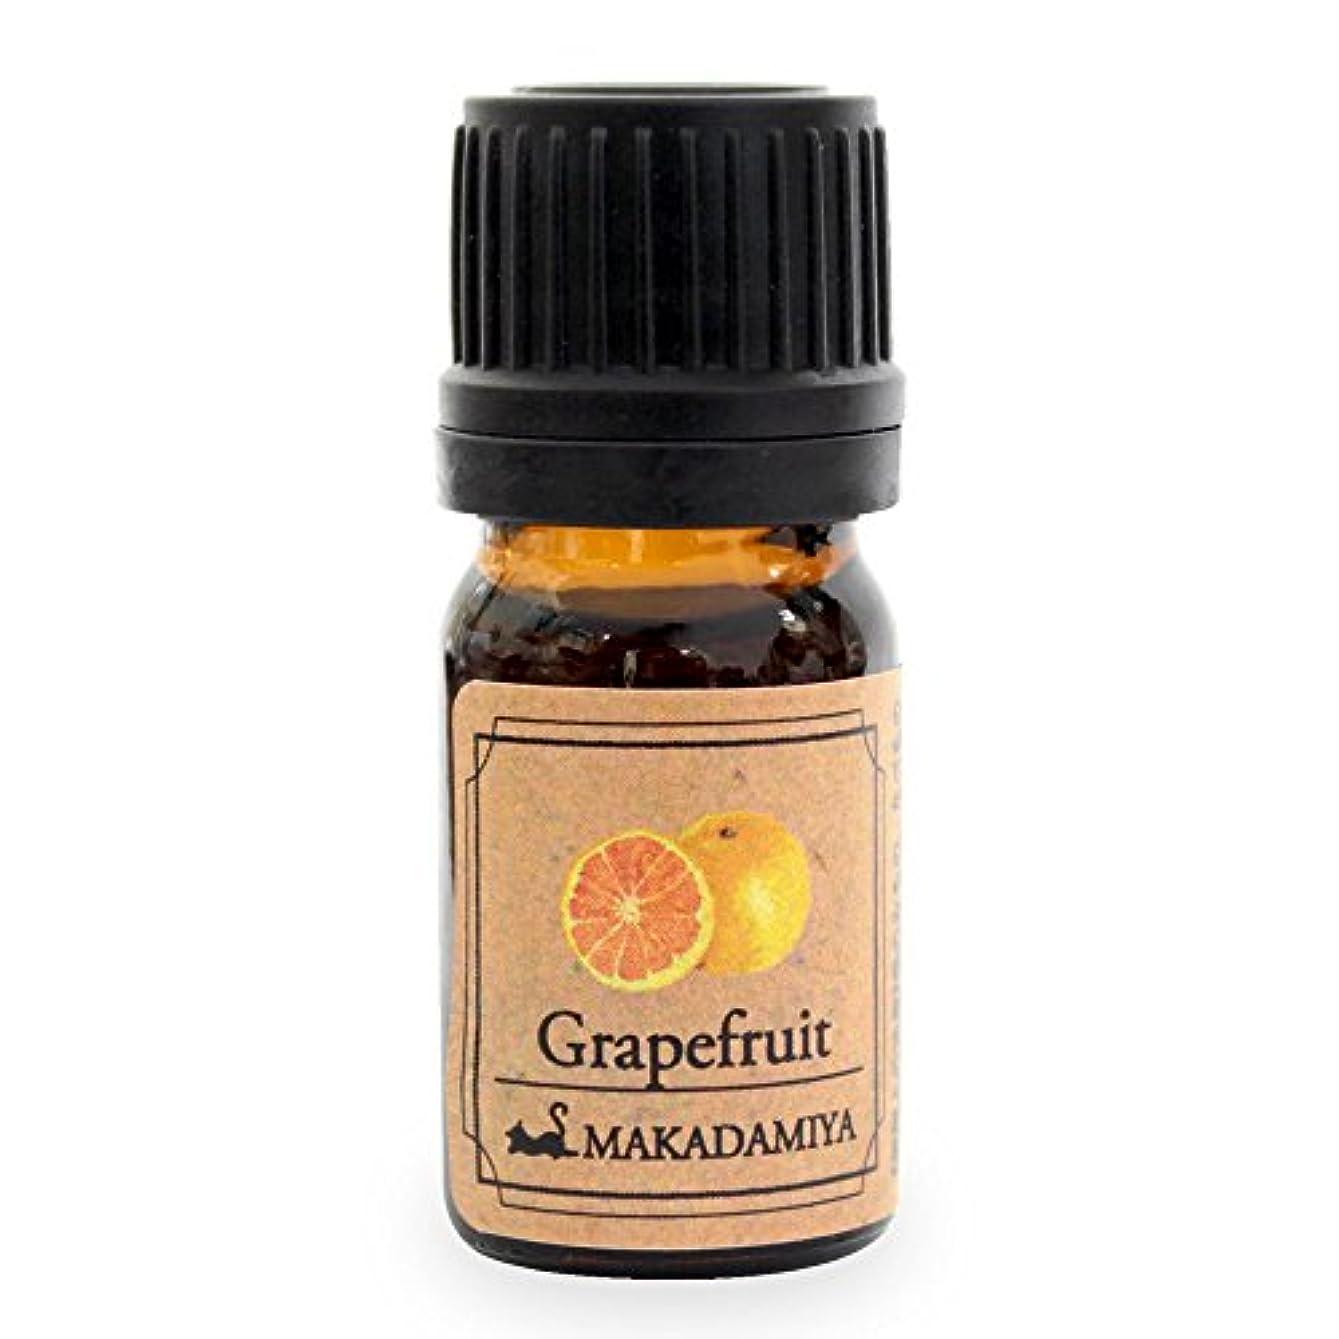 振動するガラス押し下げるグレープフルーツ5ml 天然100%植物性 エッセンシャルオイル(精油) アロマオイル アロママッサージ aroma Grapefruit